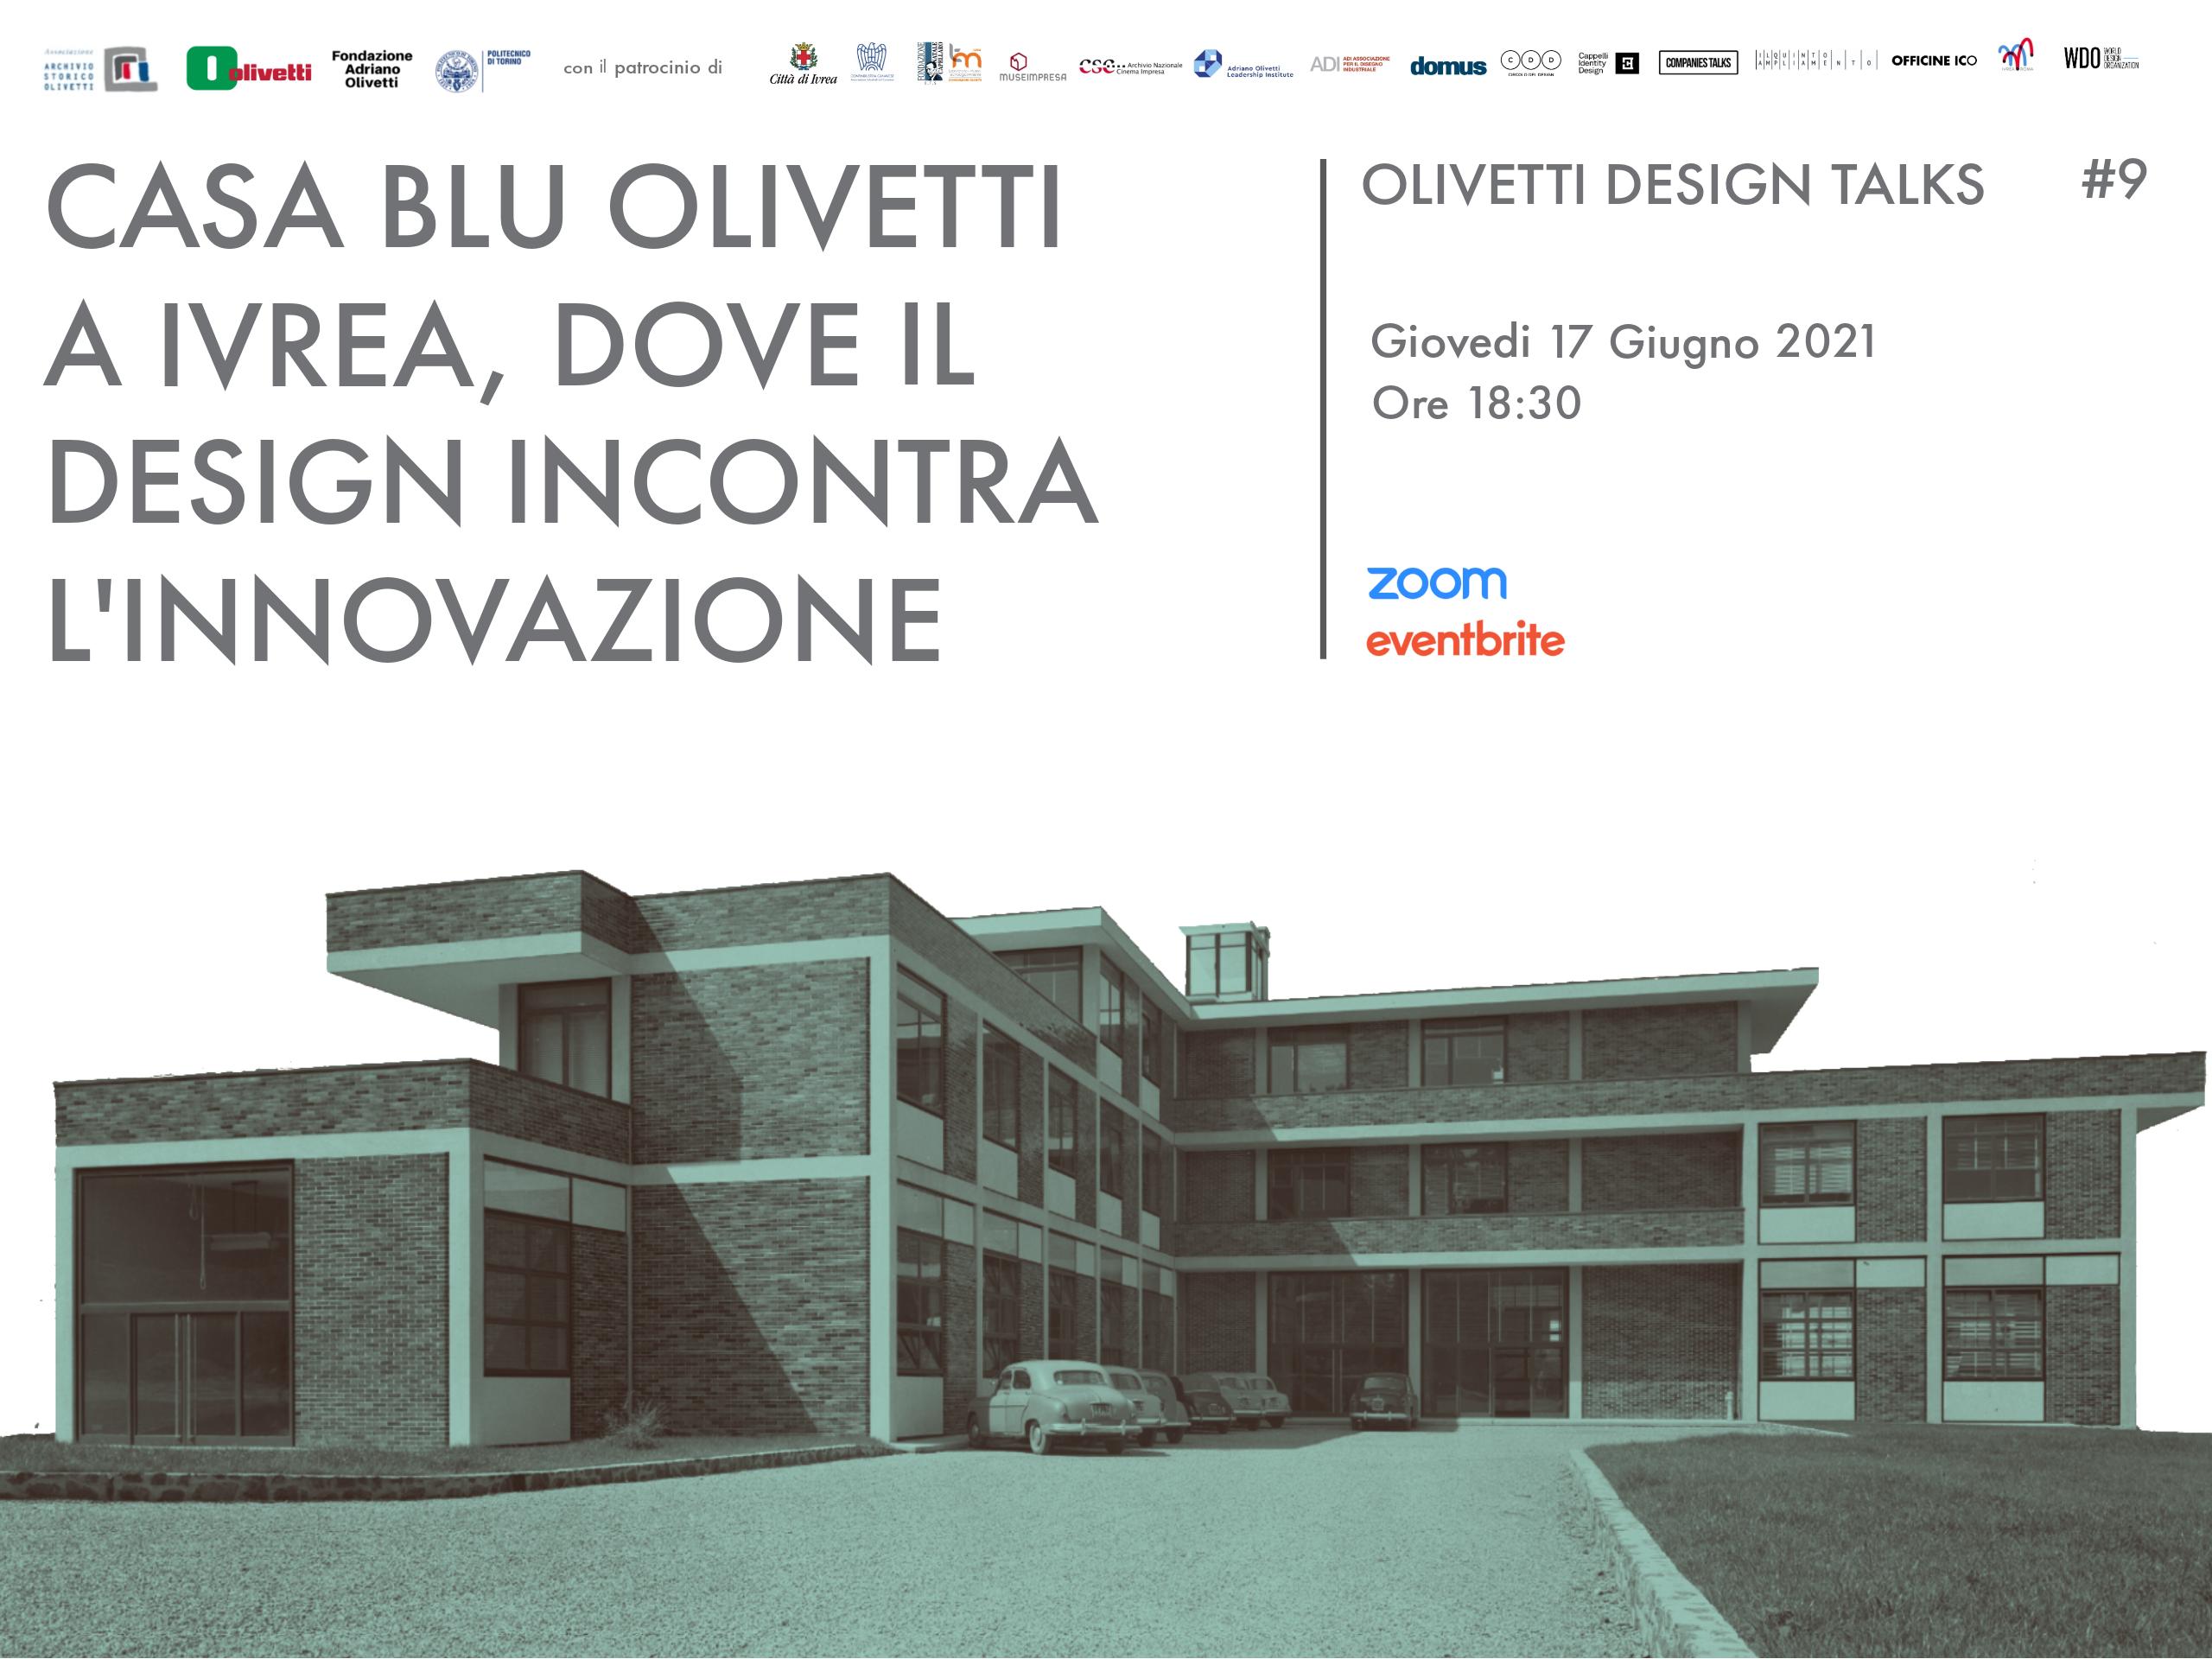 Casa Blu Olivetti a Ivrea, dove il design incontra l'innovazione